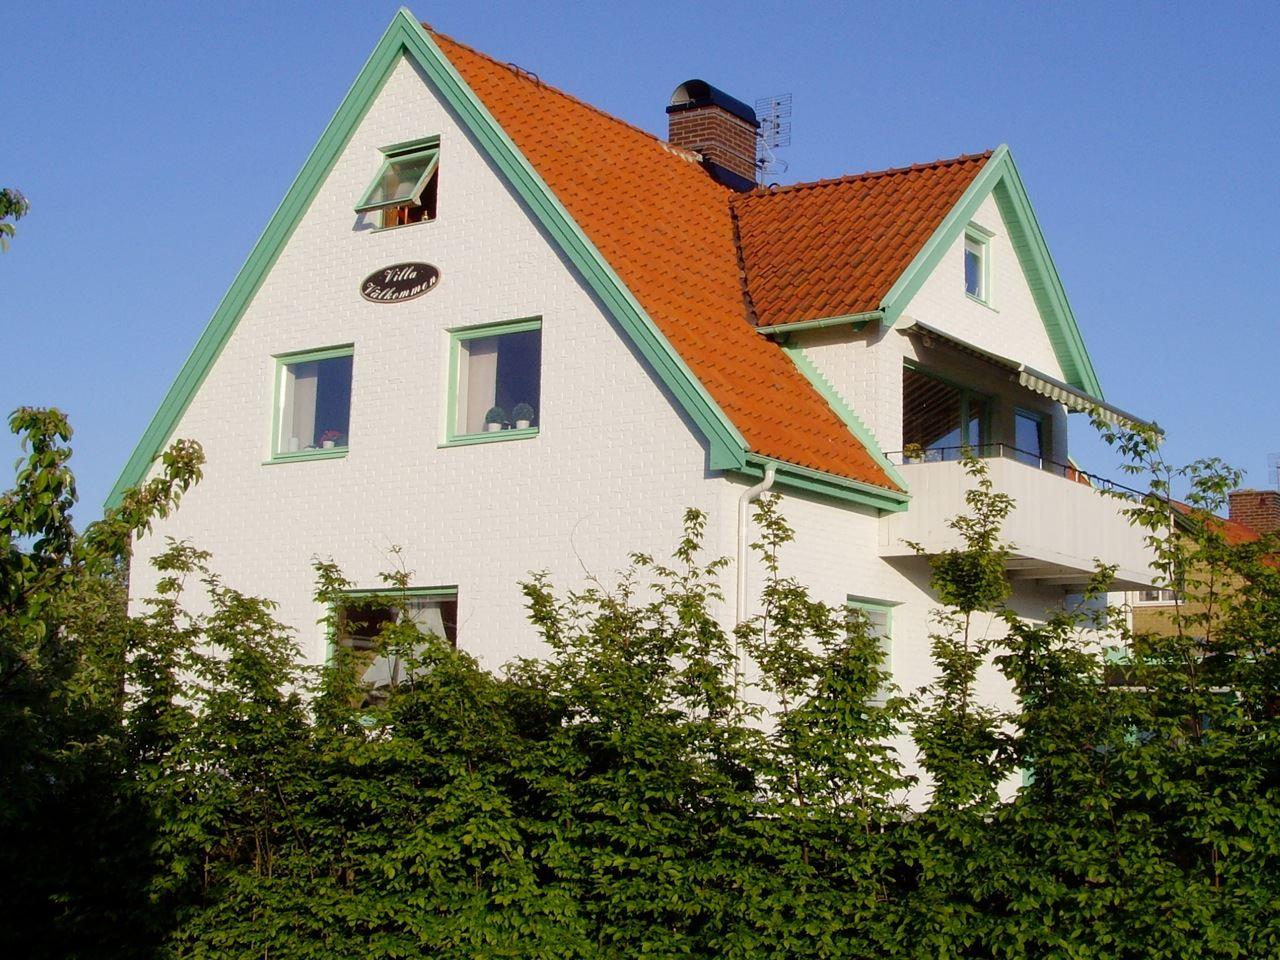 Anton Blomqvist, Villa Välkommen